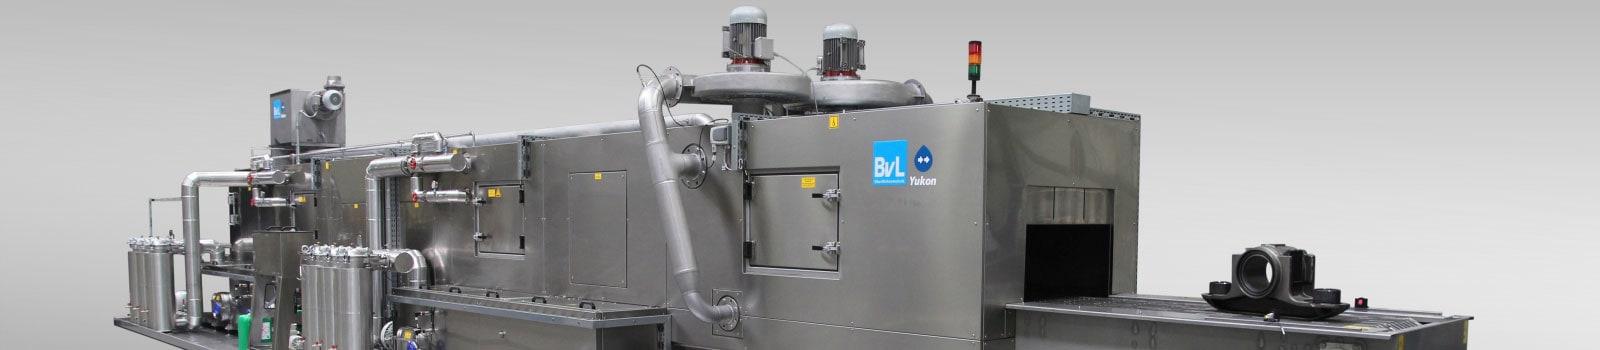 Reinigungsanlage Yukon von BvL mit neuen Bahngehäusen zur Einfahrt in die Anlage